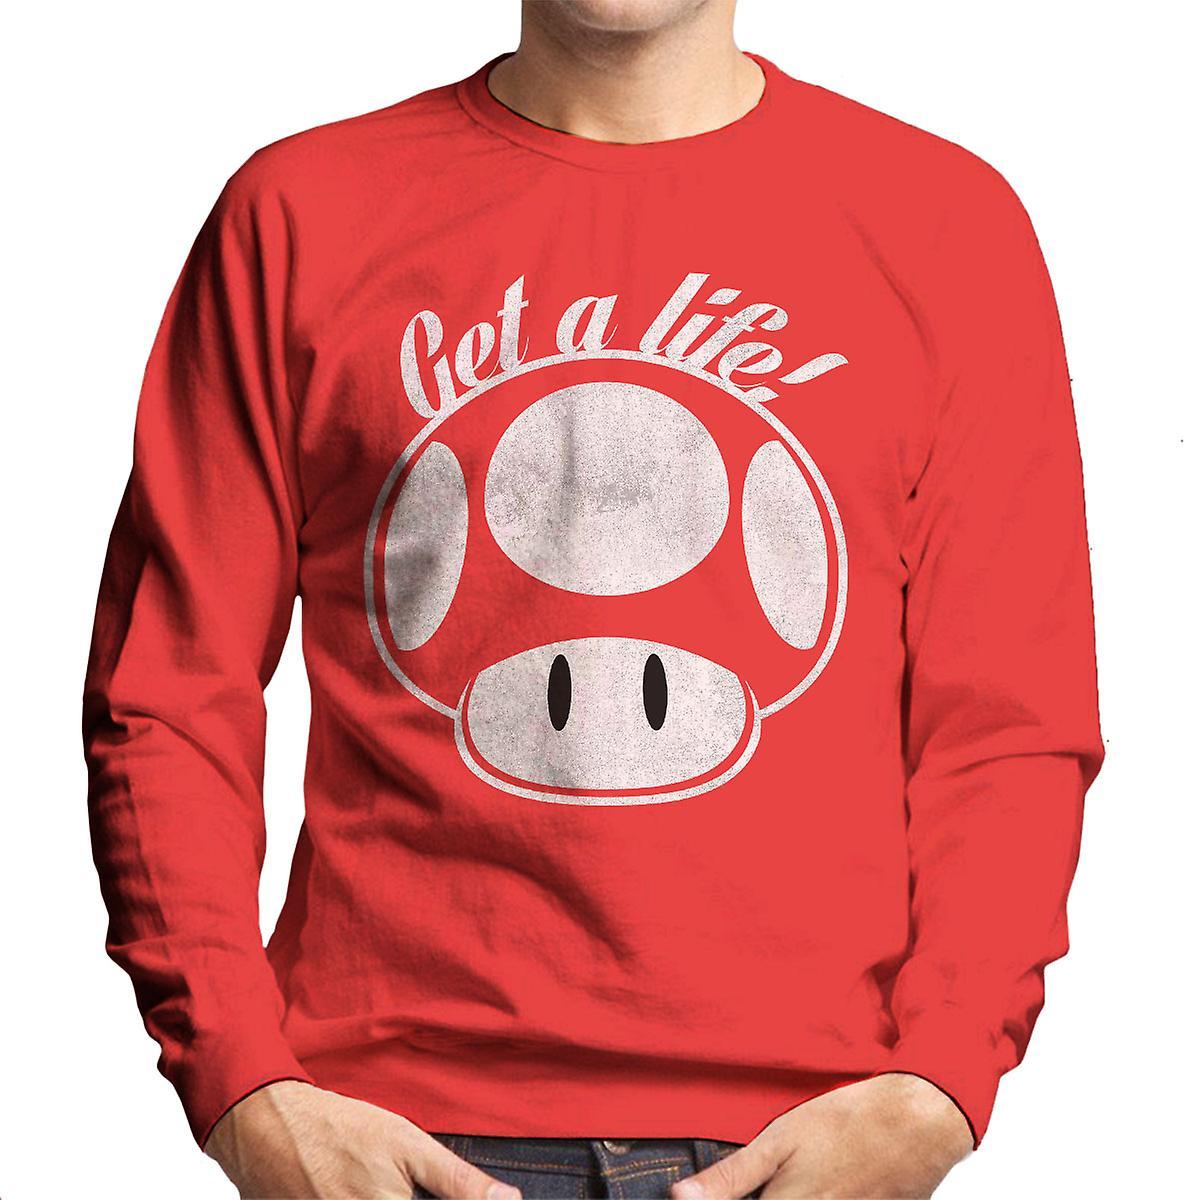 Super Mario Get A Life Men's Sweatshirt